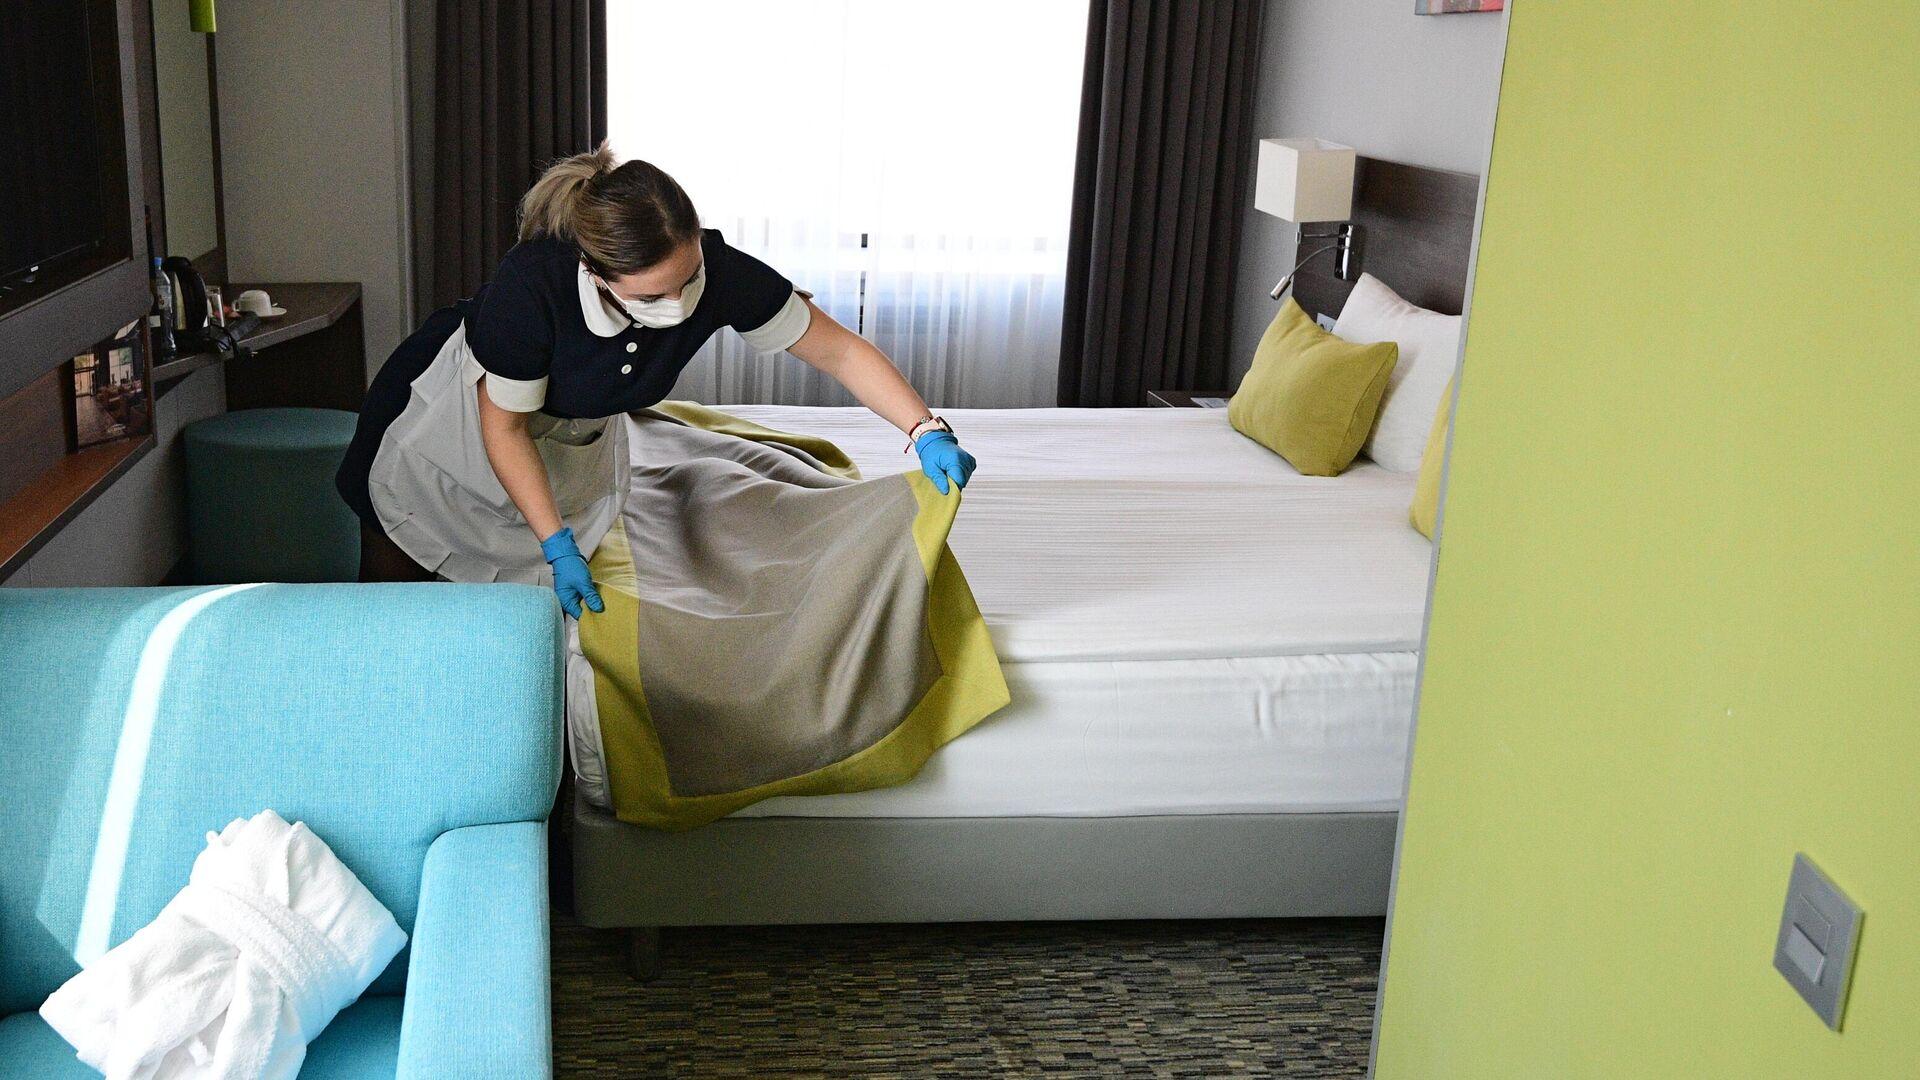 Горничная застилает кровать в номере отеля - РИА Новости, 1920, 14.09.2020